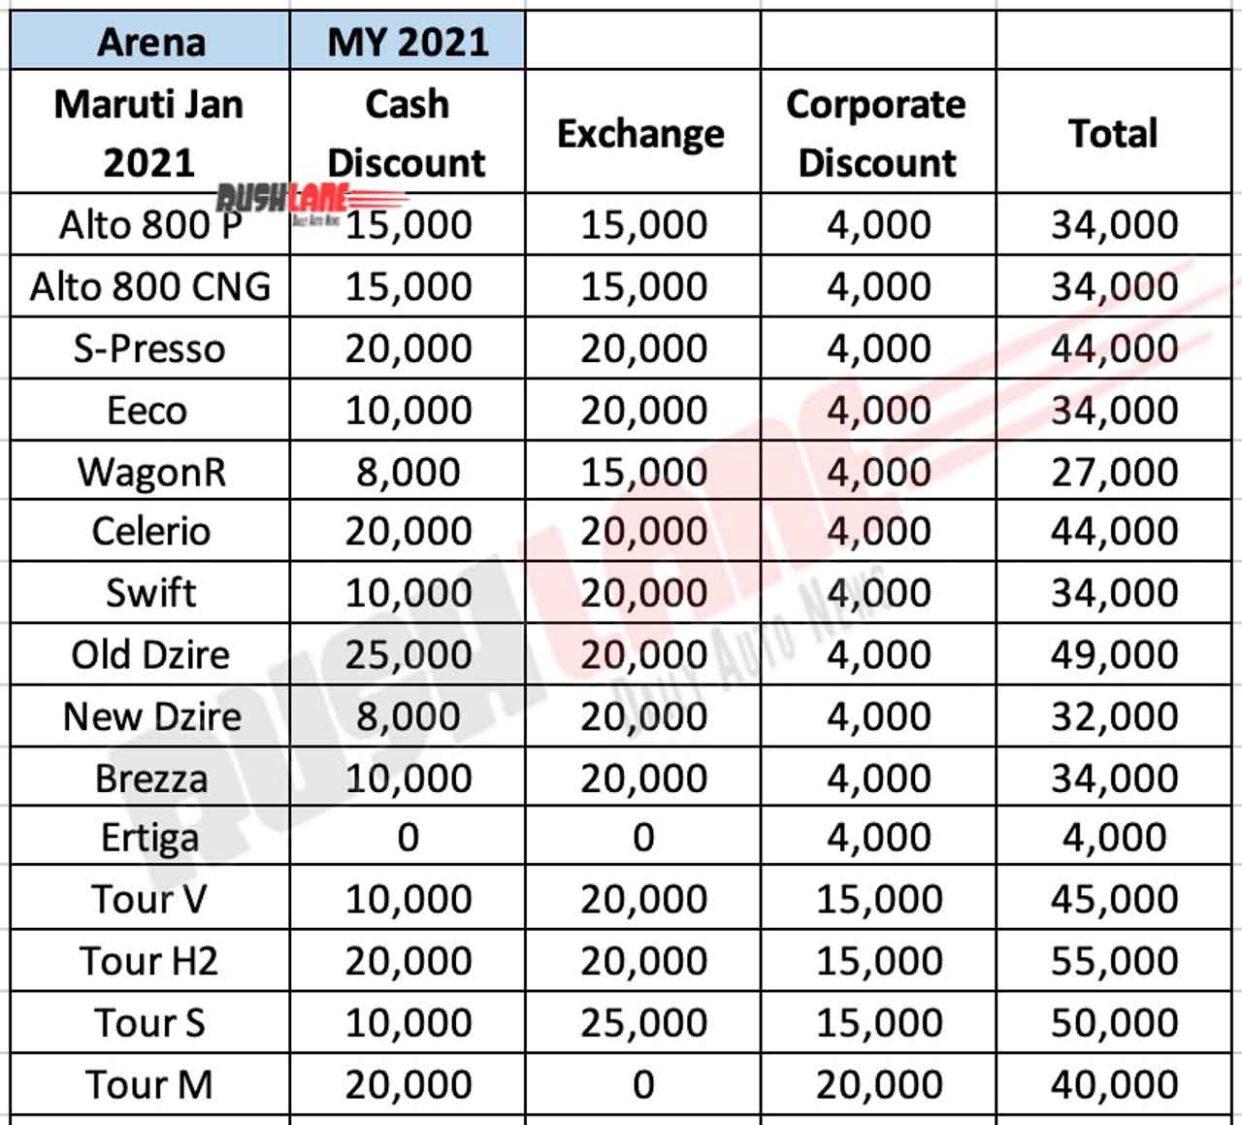 Maruti Arena Car Discounts Jan 2021